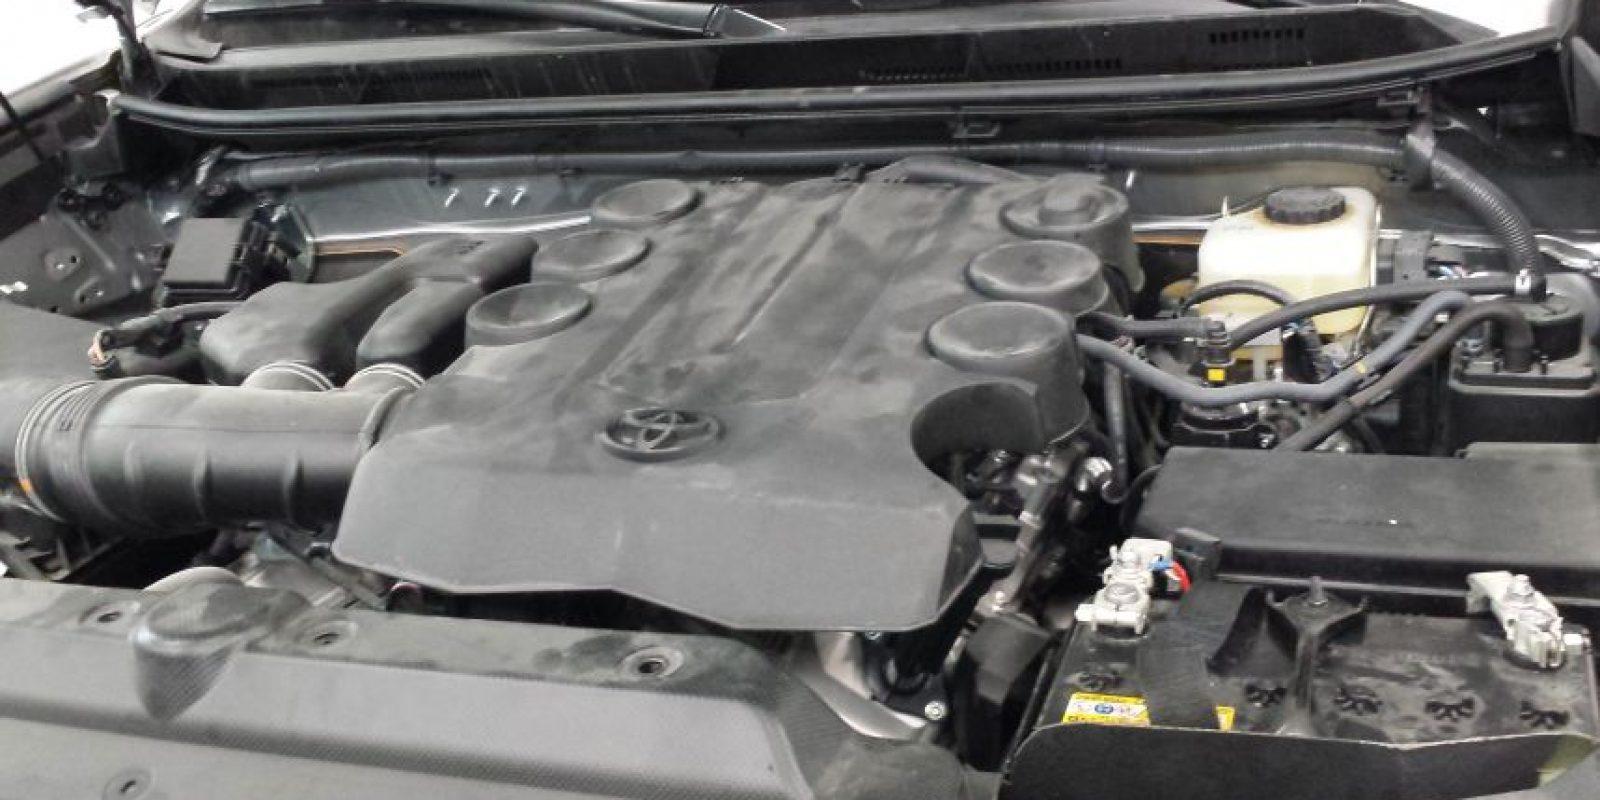 Dependiendo de las necesidades del cliente, piezas internas como el radiador y los computadores del motor pueden ser también blindadas. Foto:Juan Manuel Reyes – Publimetro